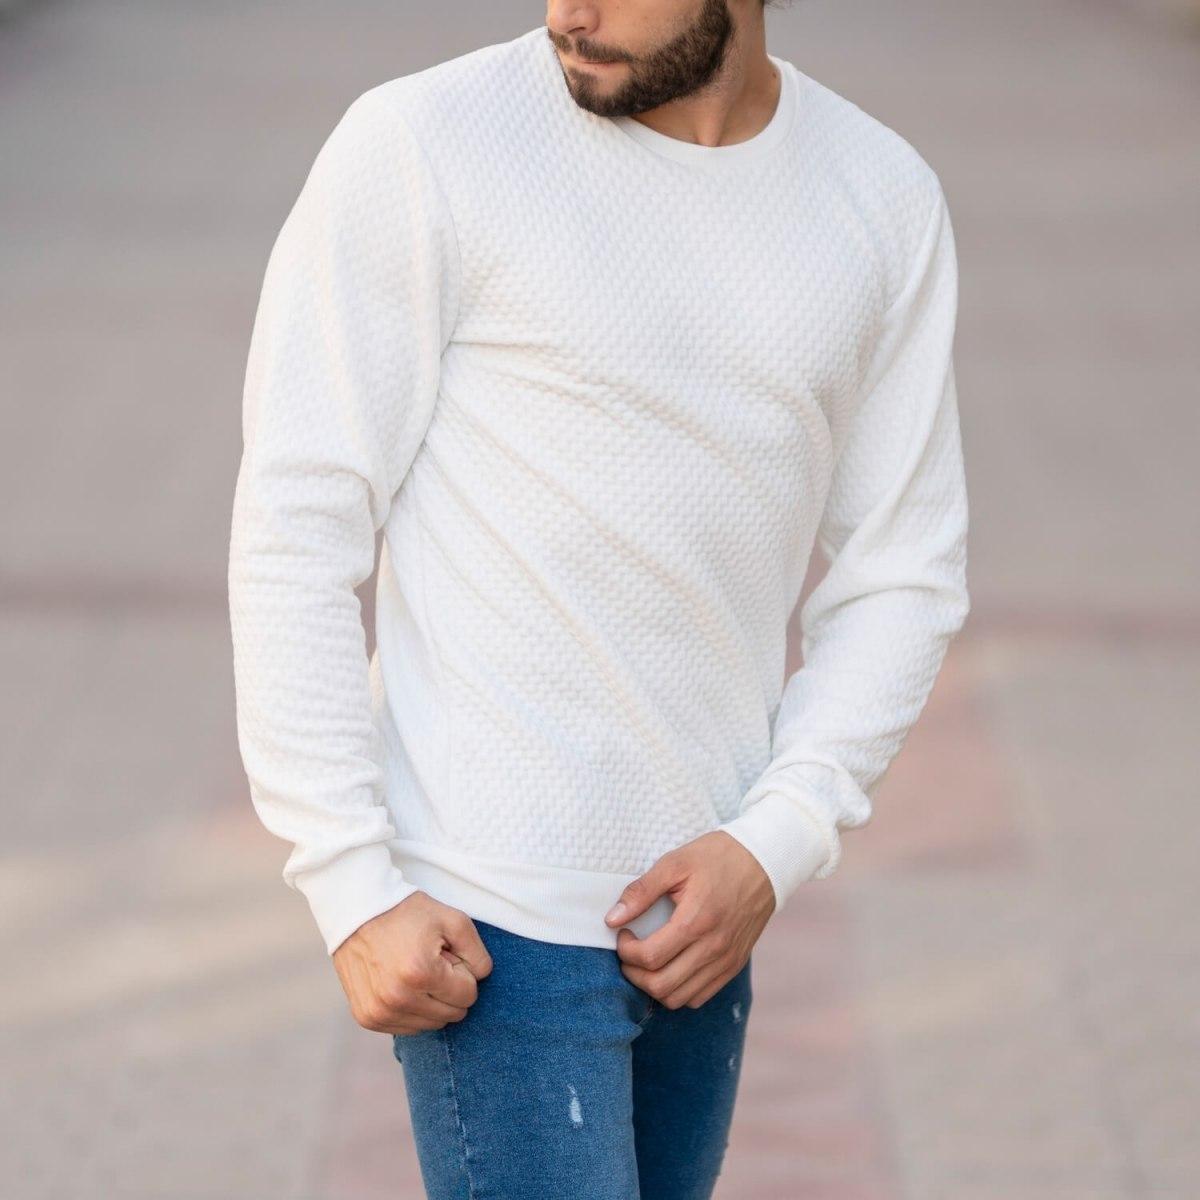 Casual SweatShirt in White Mv Premium Brand - 2